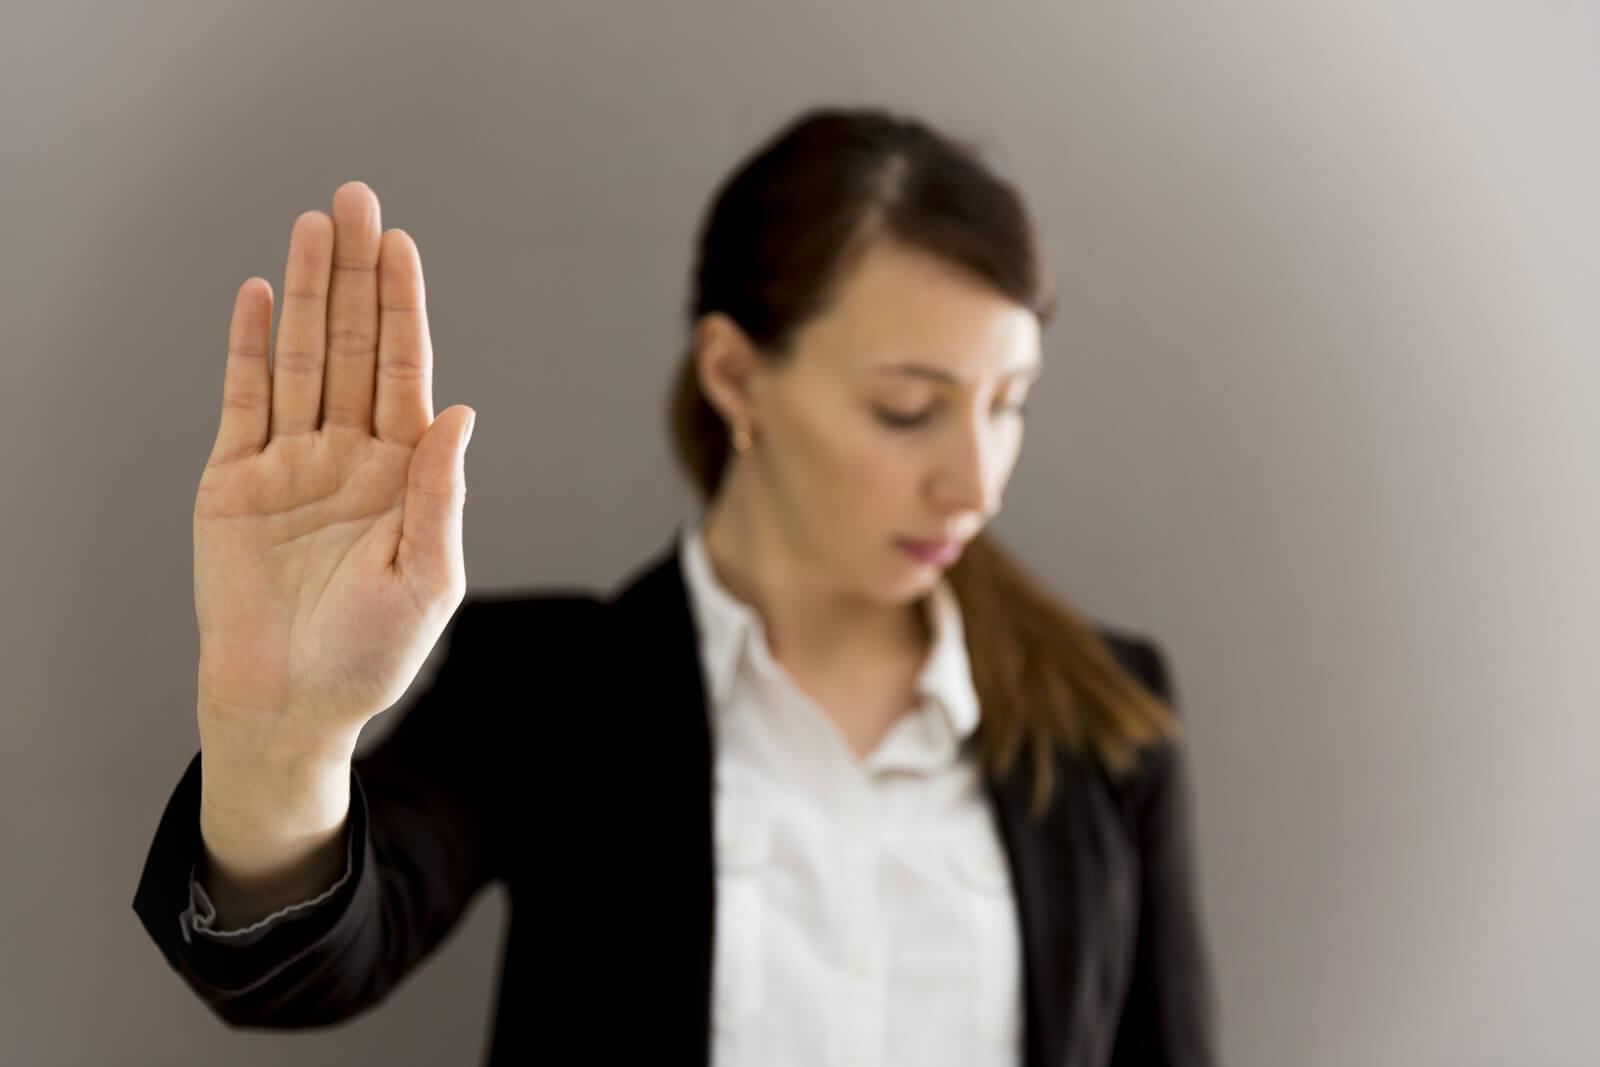 5 técnicas para aprender a decir NO en el trabajo con elegancia